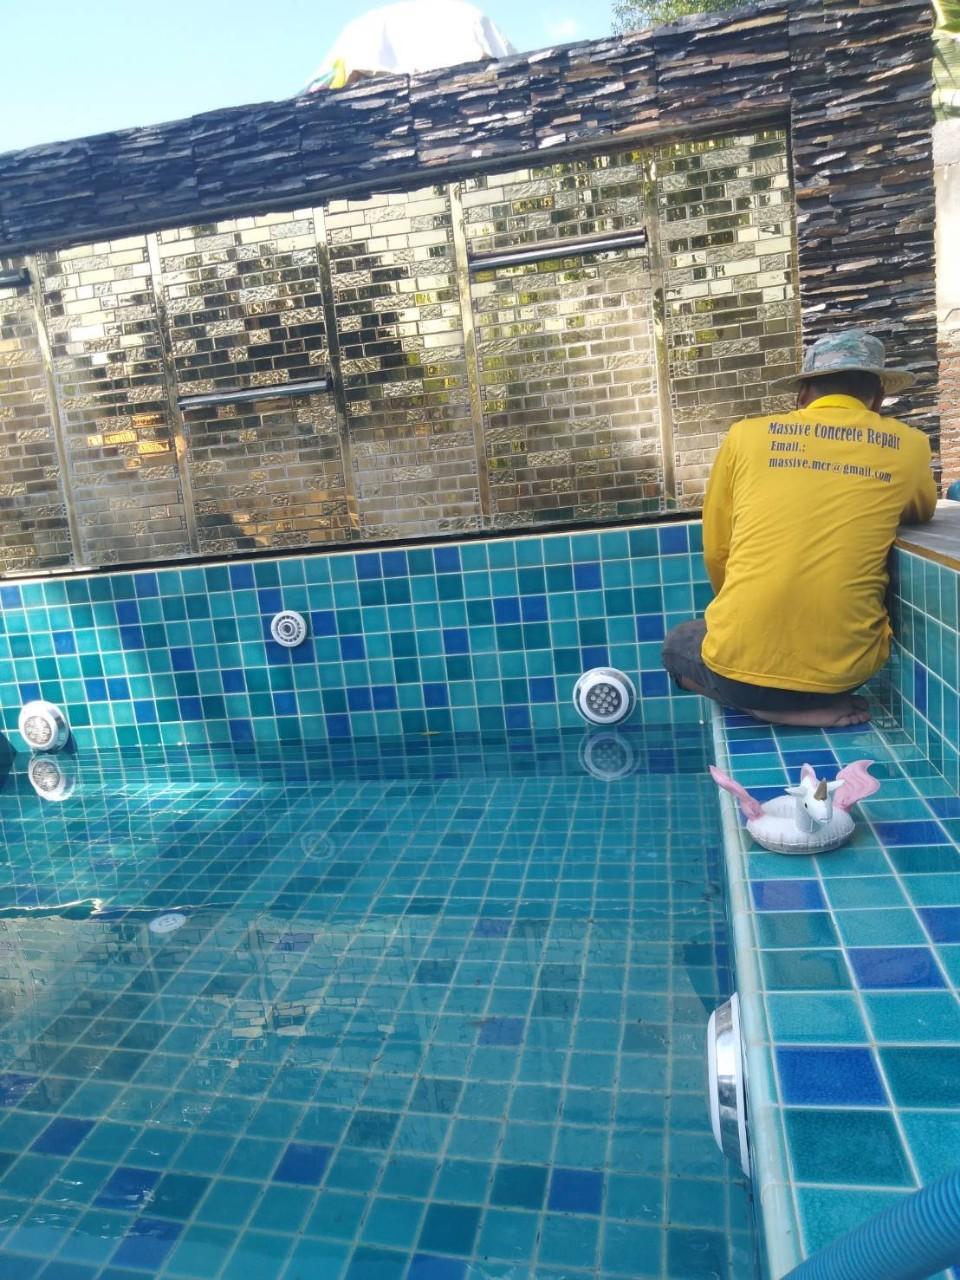 รับงานซ่อมน้ำรั่วซึมสระว่ายน้ำ ด้วยวิธี Epoxy Seal